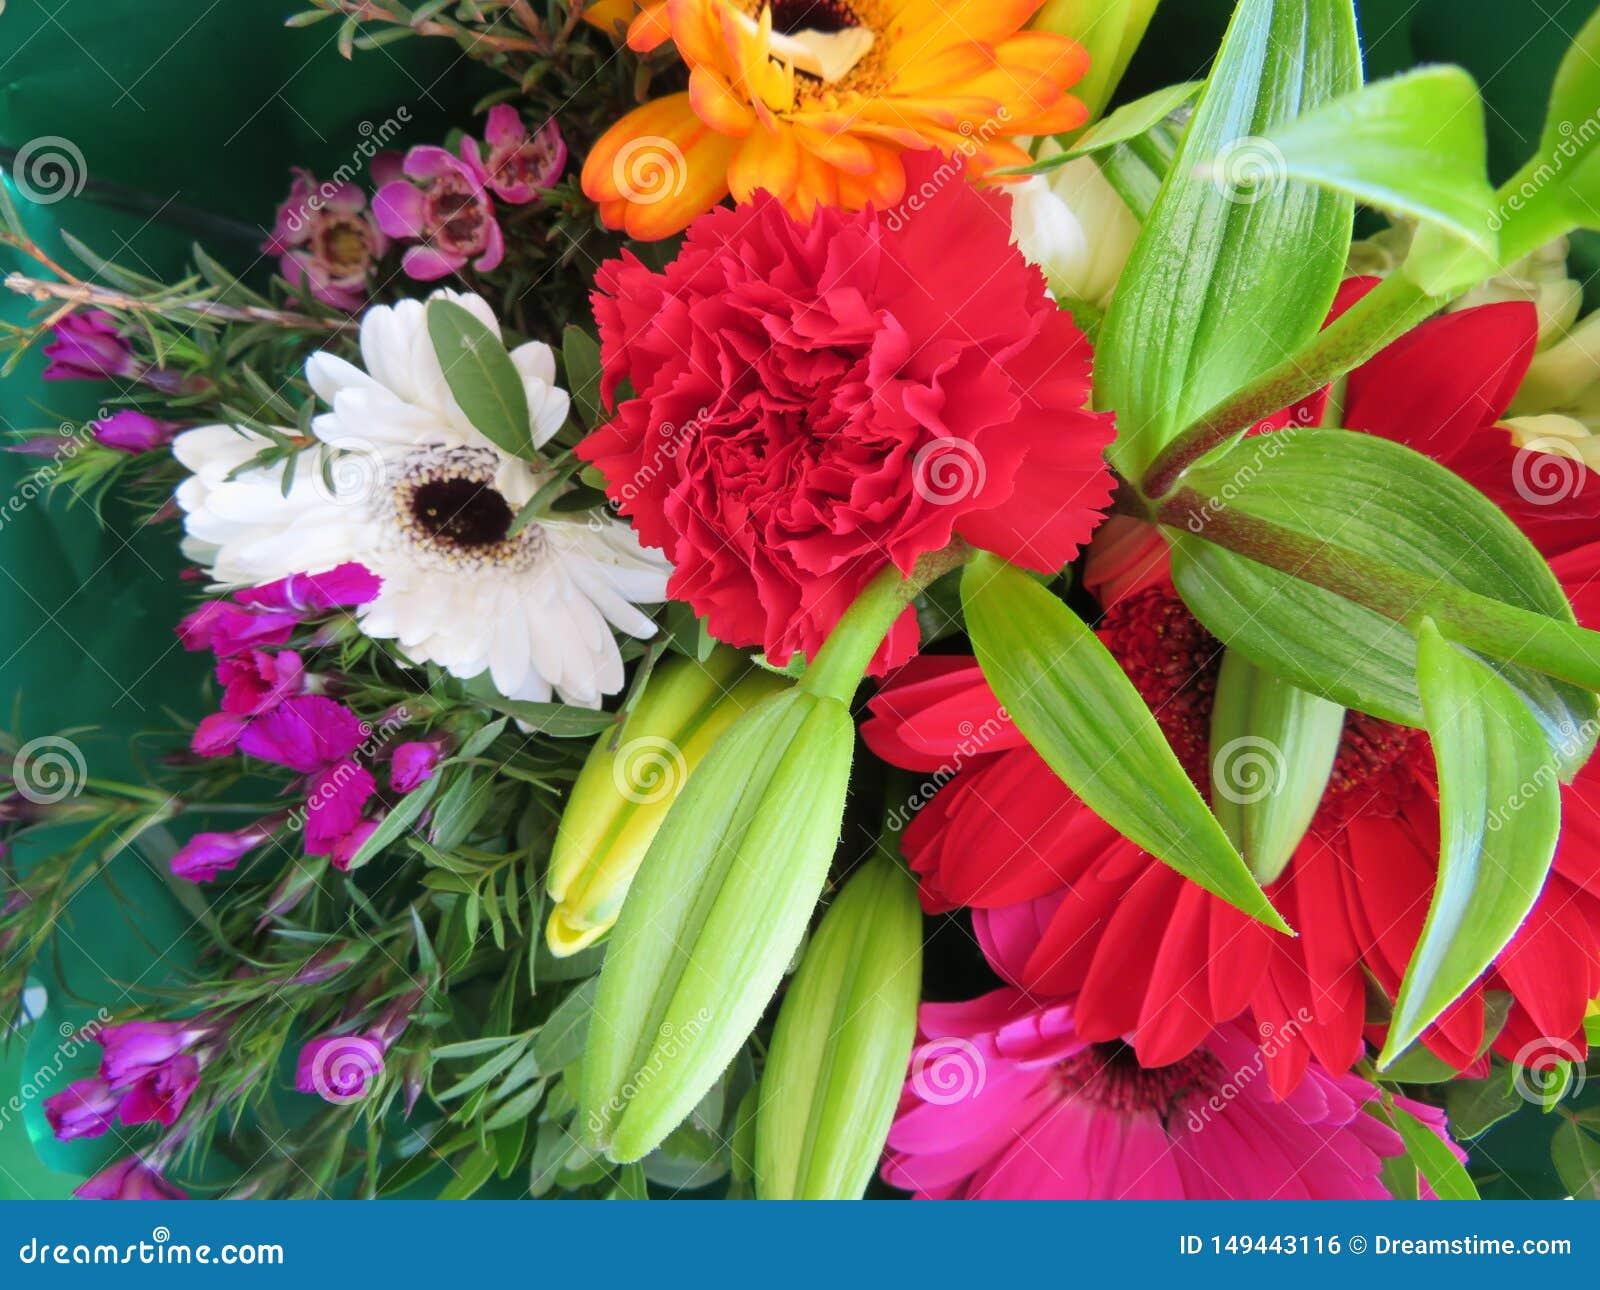 Чудесные цветки с цветом и запахом настолько хорошими